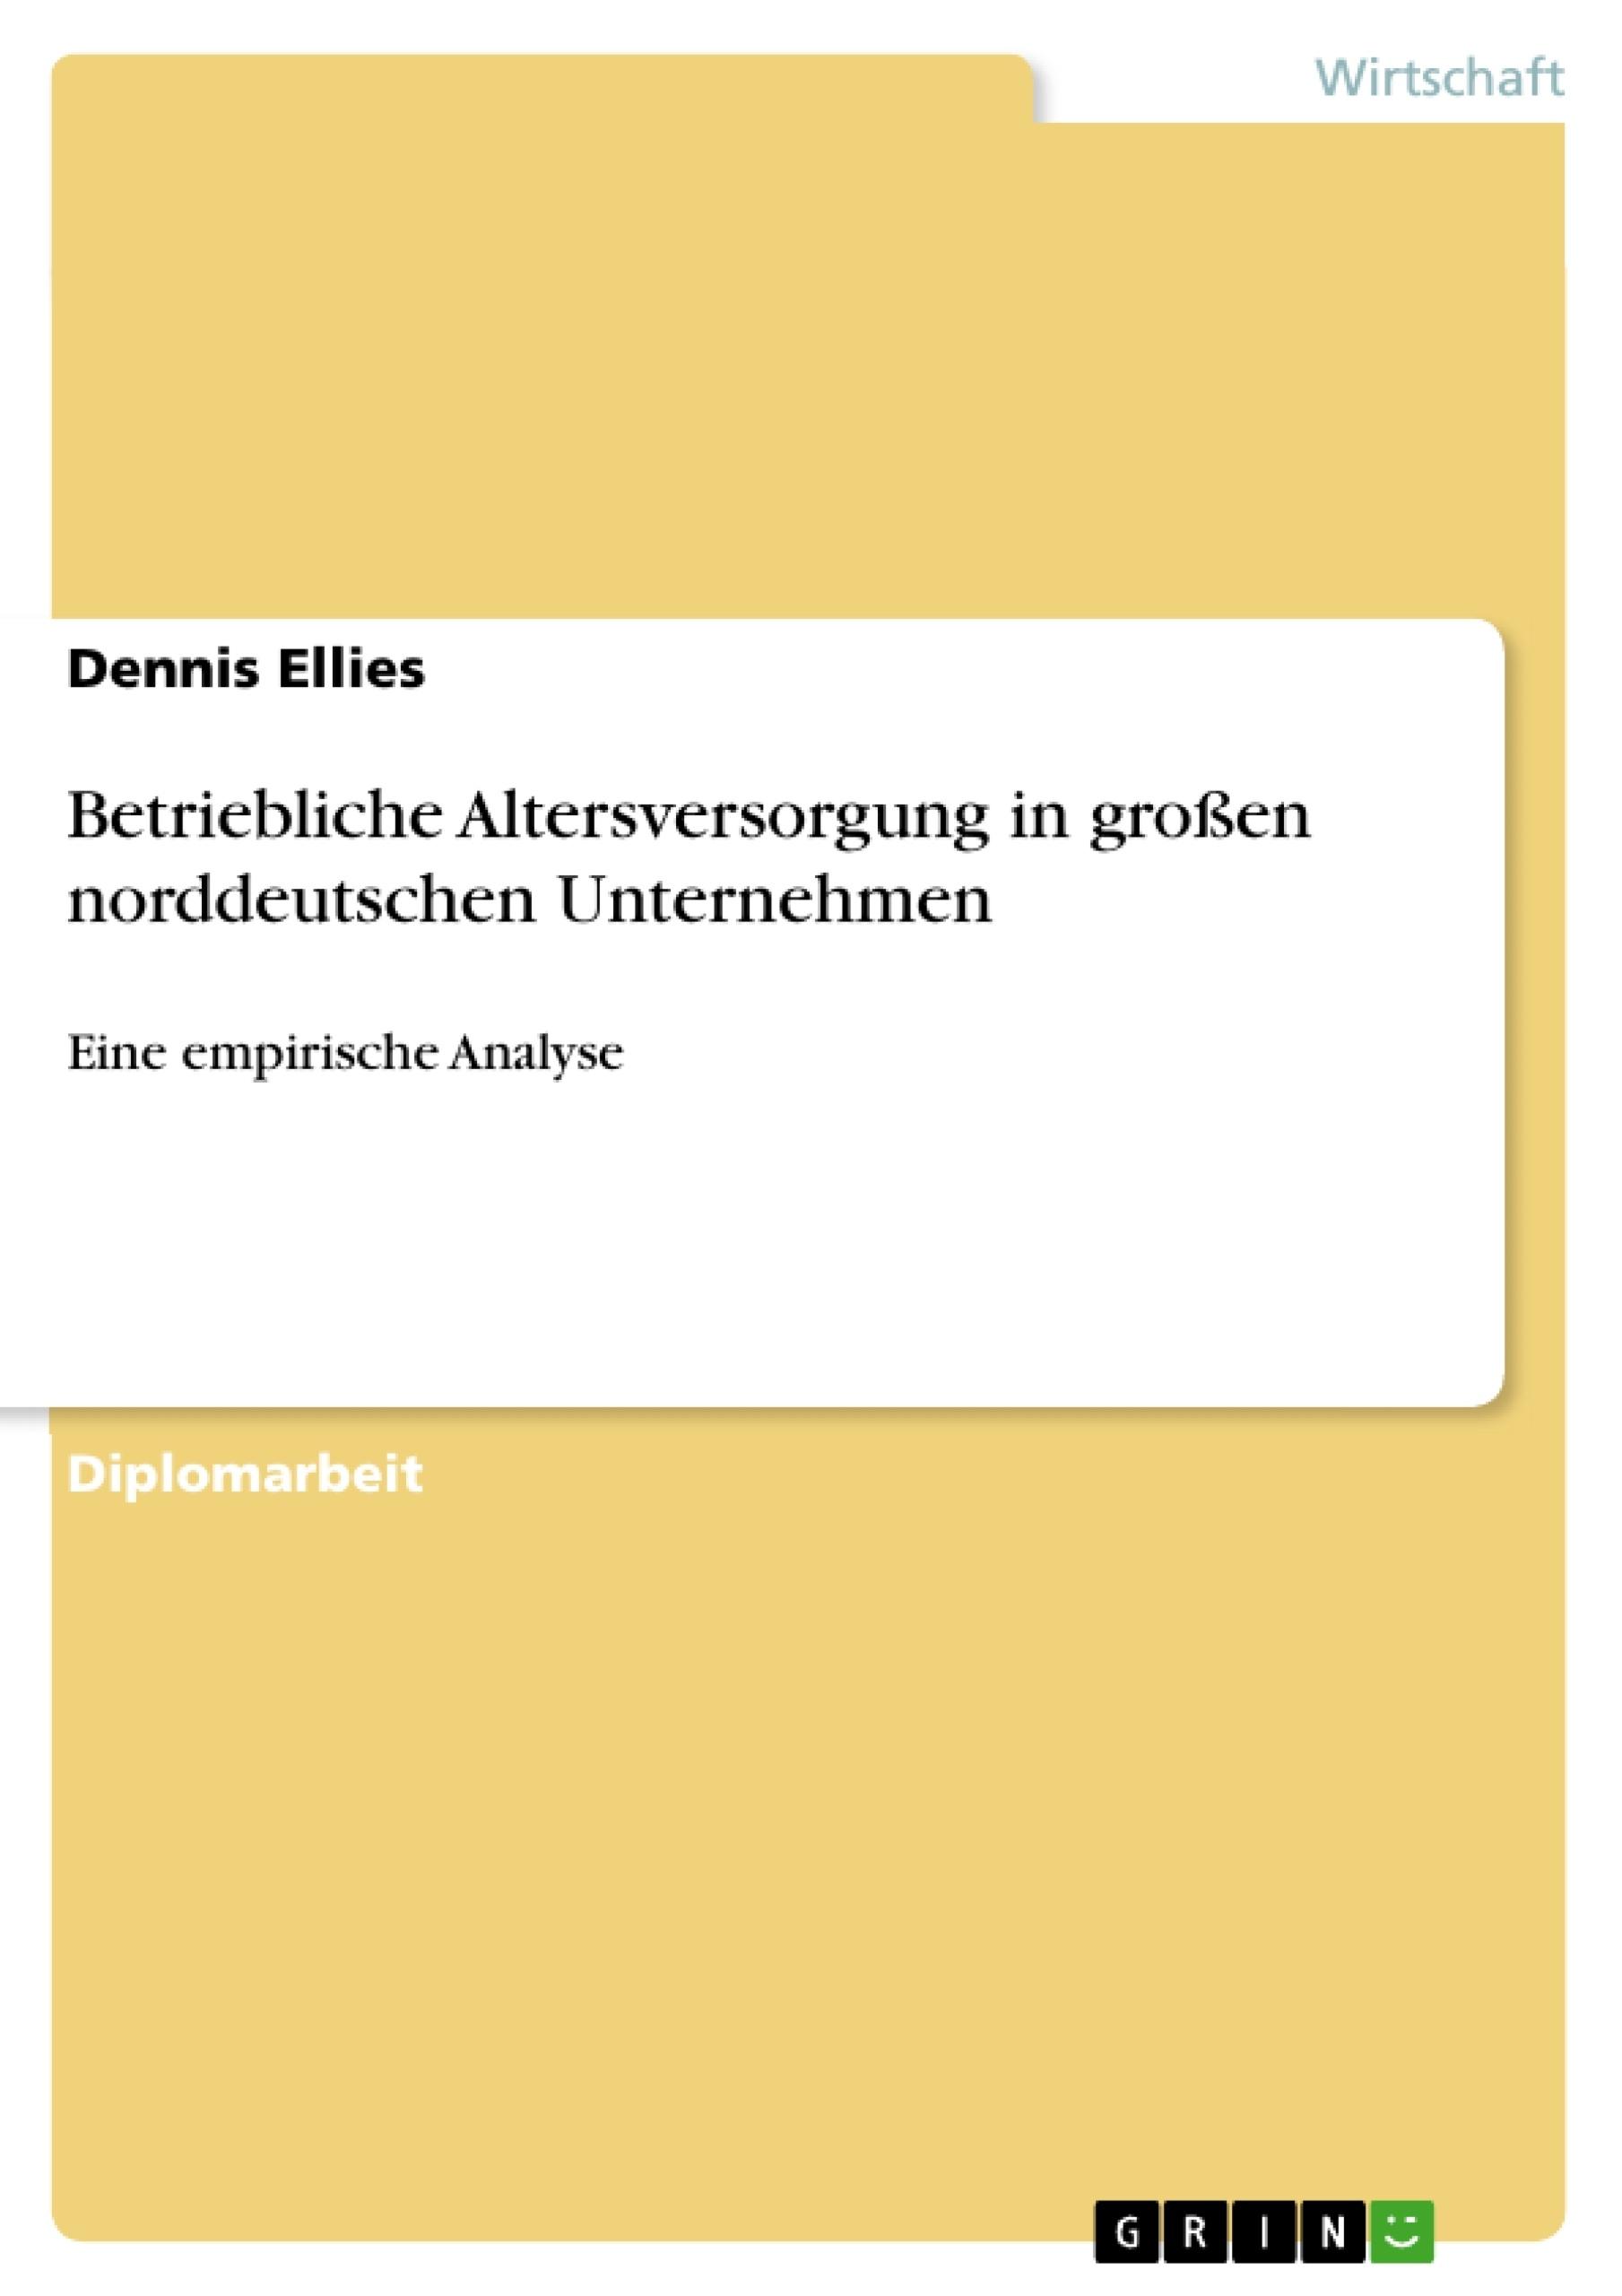 Titel: Betriebliche Altersversorgung in großen norddeutschen Unternehmen